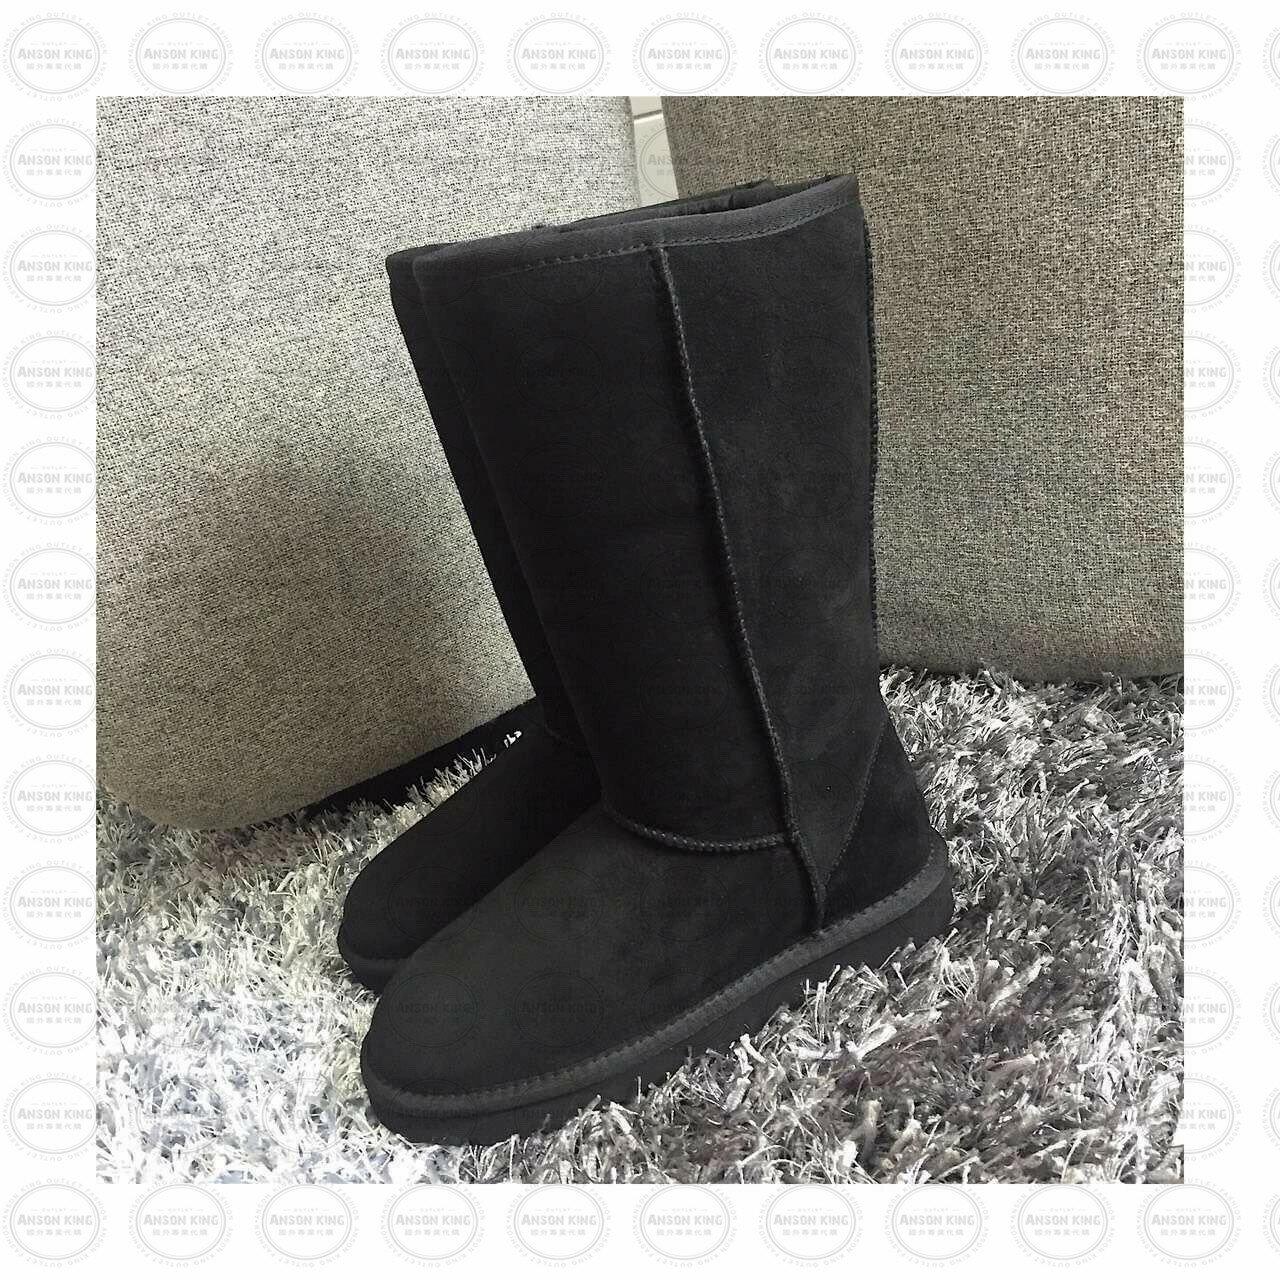 OUTLET正品代購 澳洲 UGG 經典女款羊皮毛一體雪靴 中長靴 保暖 真皮羊皮毛 雪靴 短靴 黑色 0